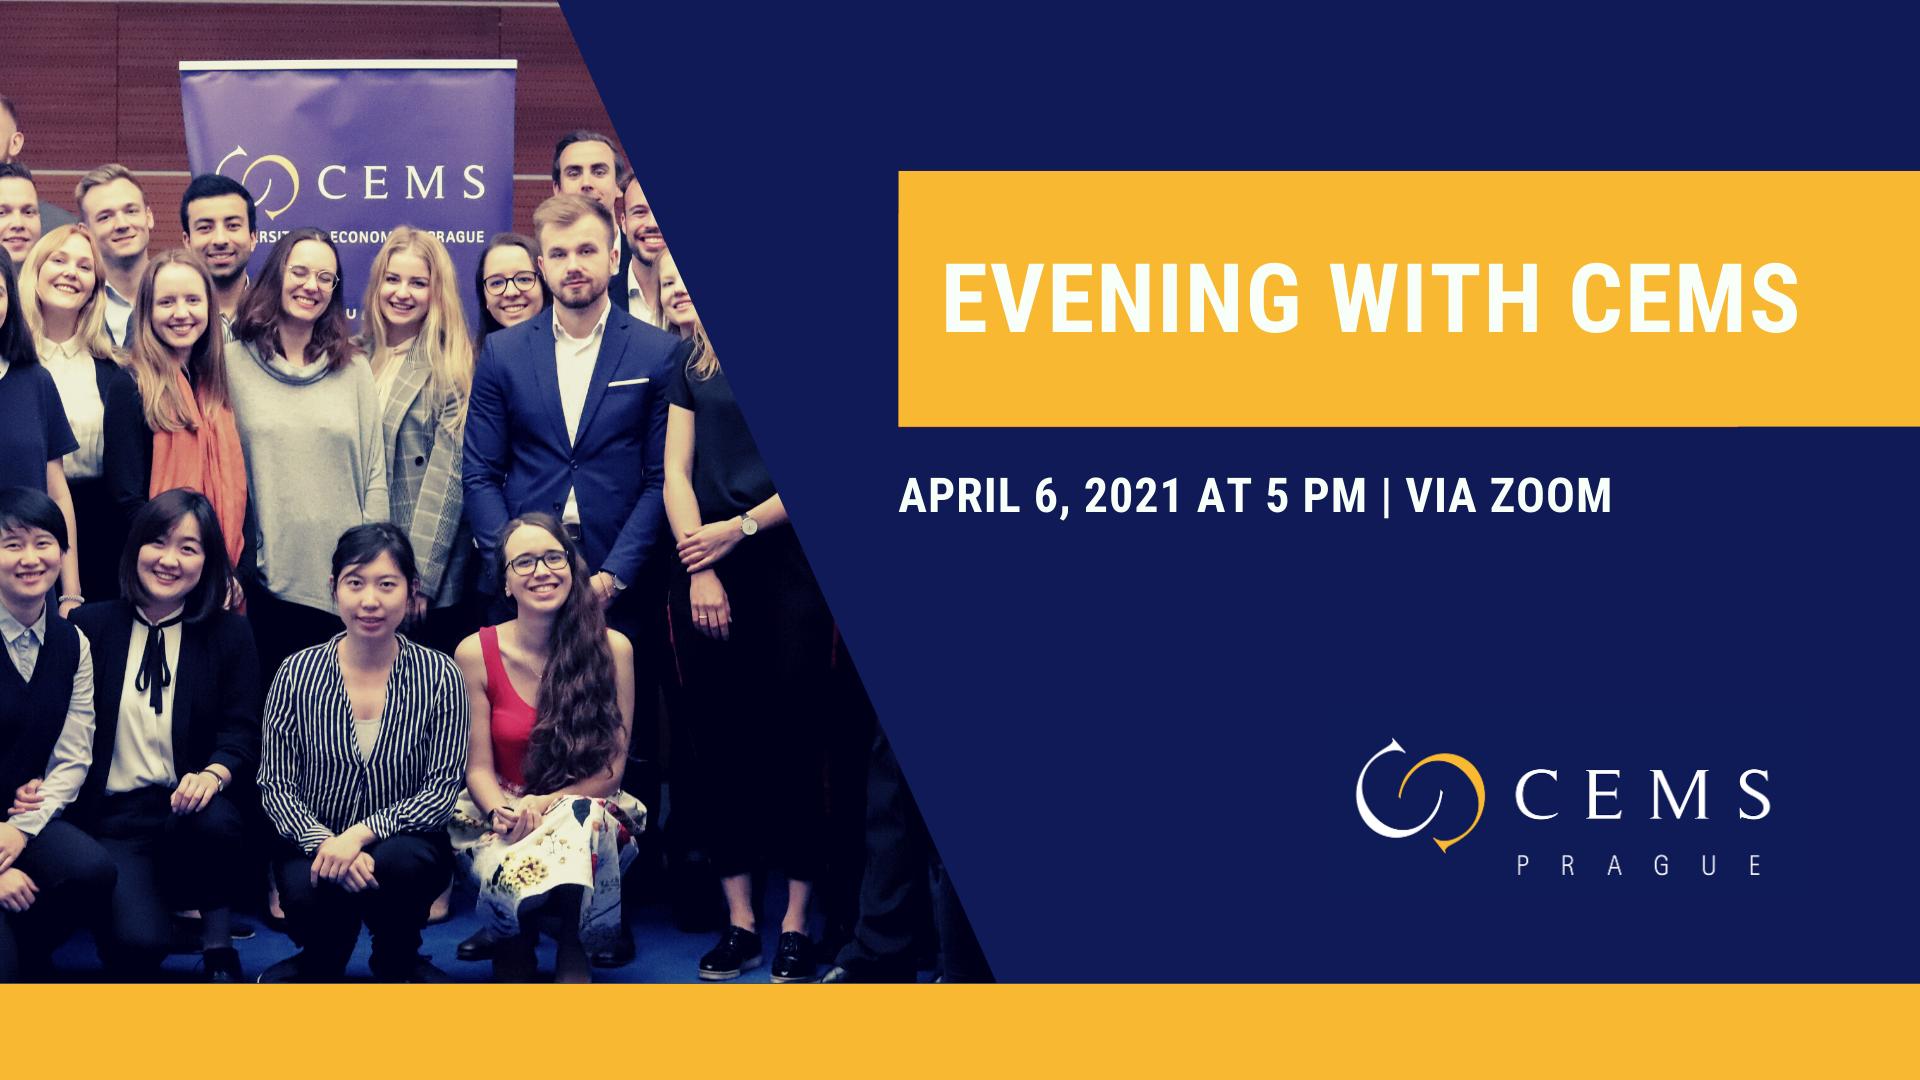 Evening with CEMS - Událost pro zájemce o studium /6. dubna/